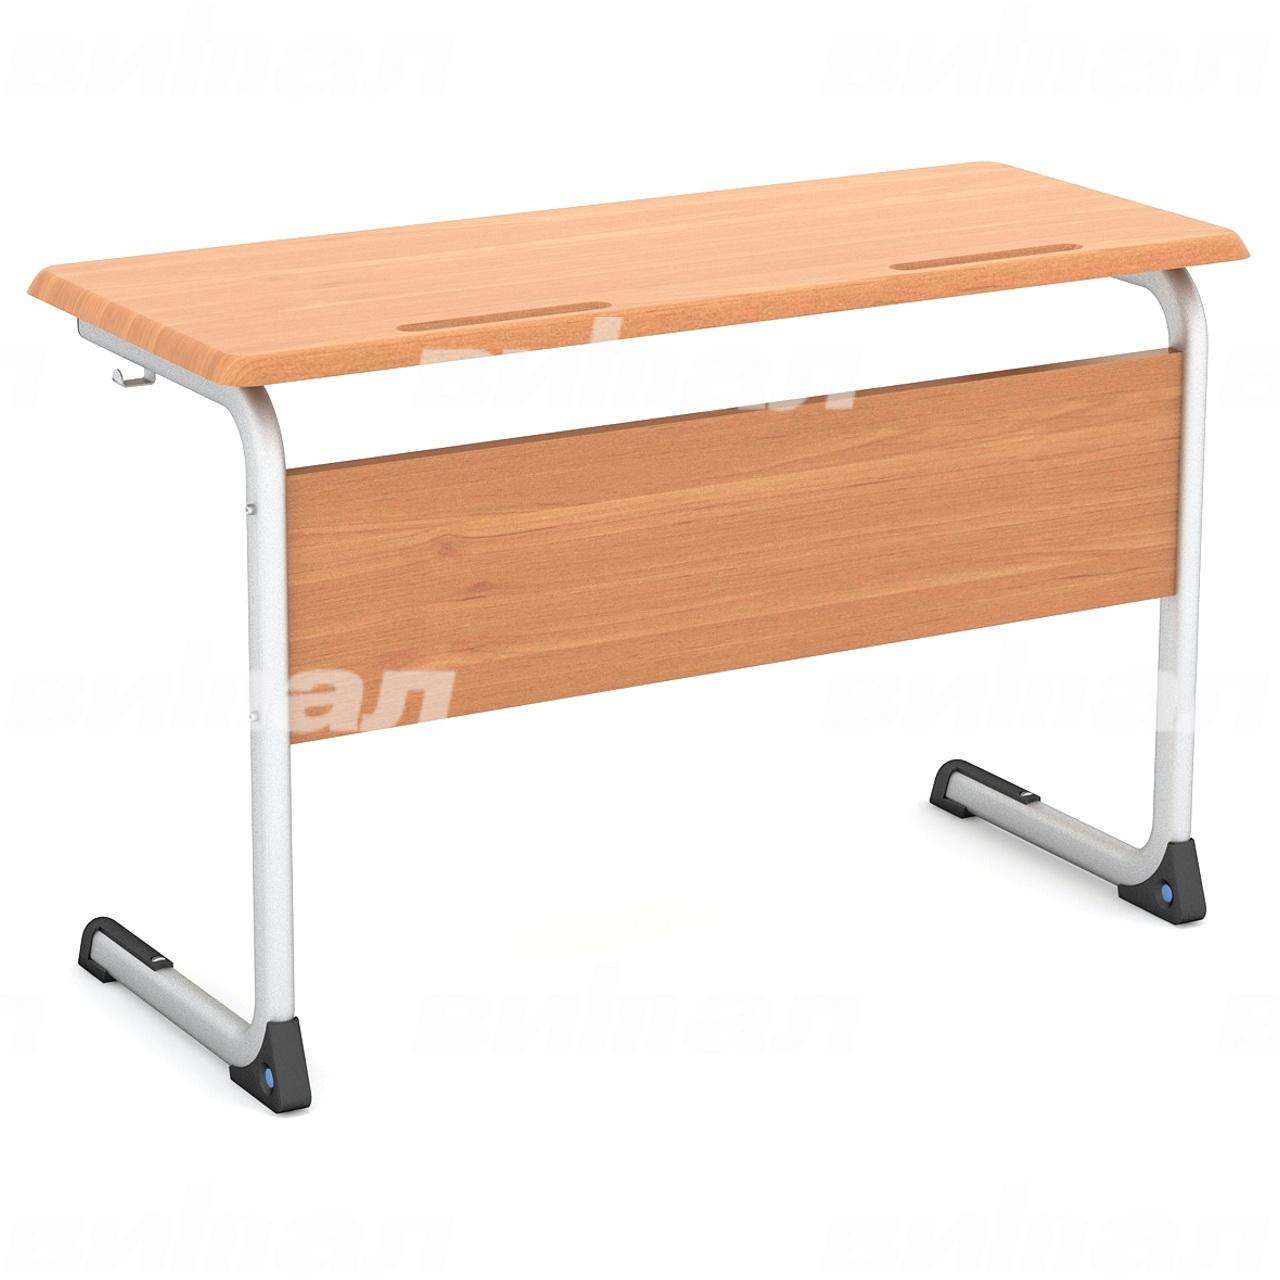 Стол ученический 2-местный нерегулируемый (гр. 3, 4, 5 или 6) МДФ серый Бук 6 МДФ плоскоовальная